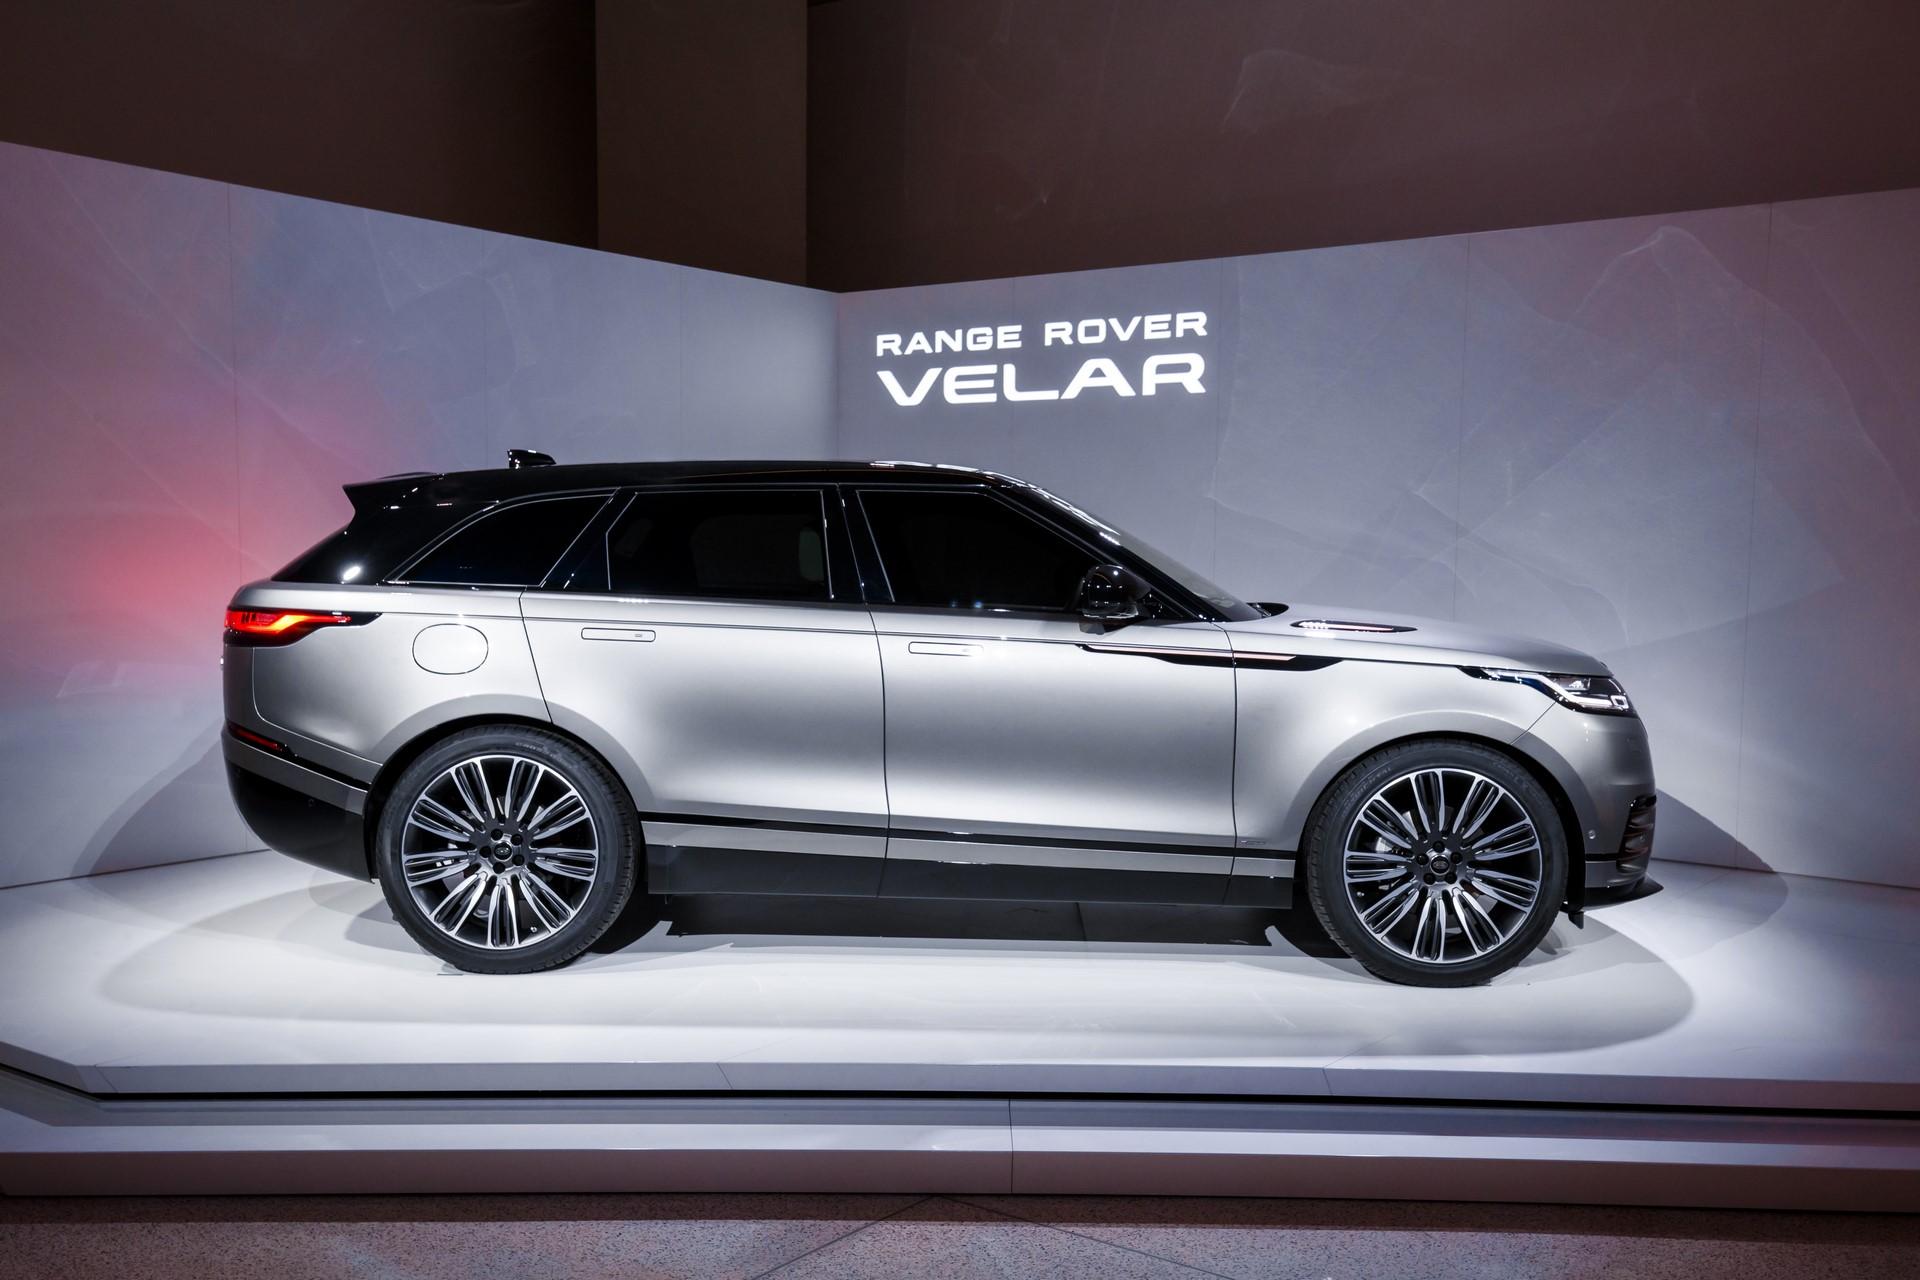 Range Rover Velar 2017 (110)